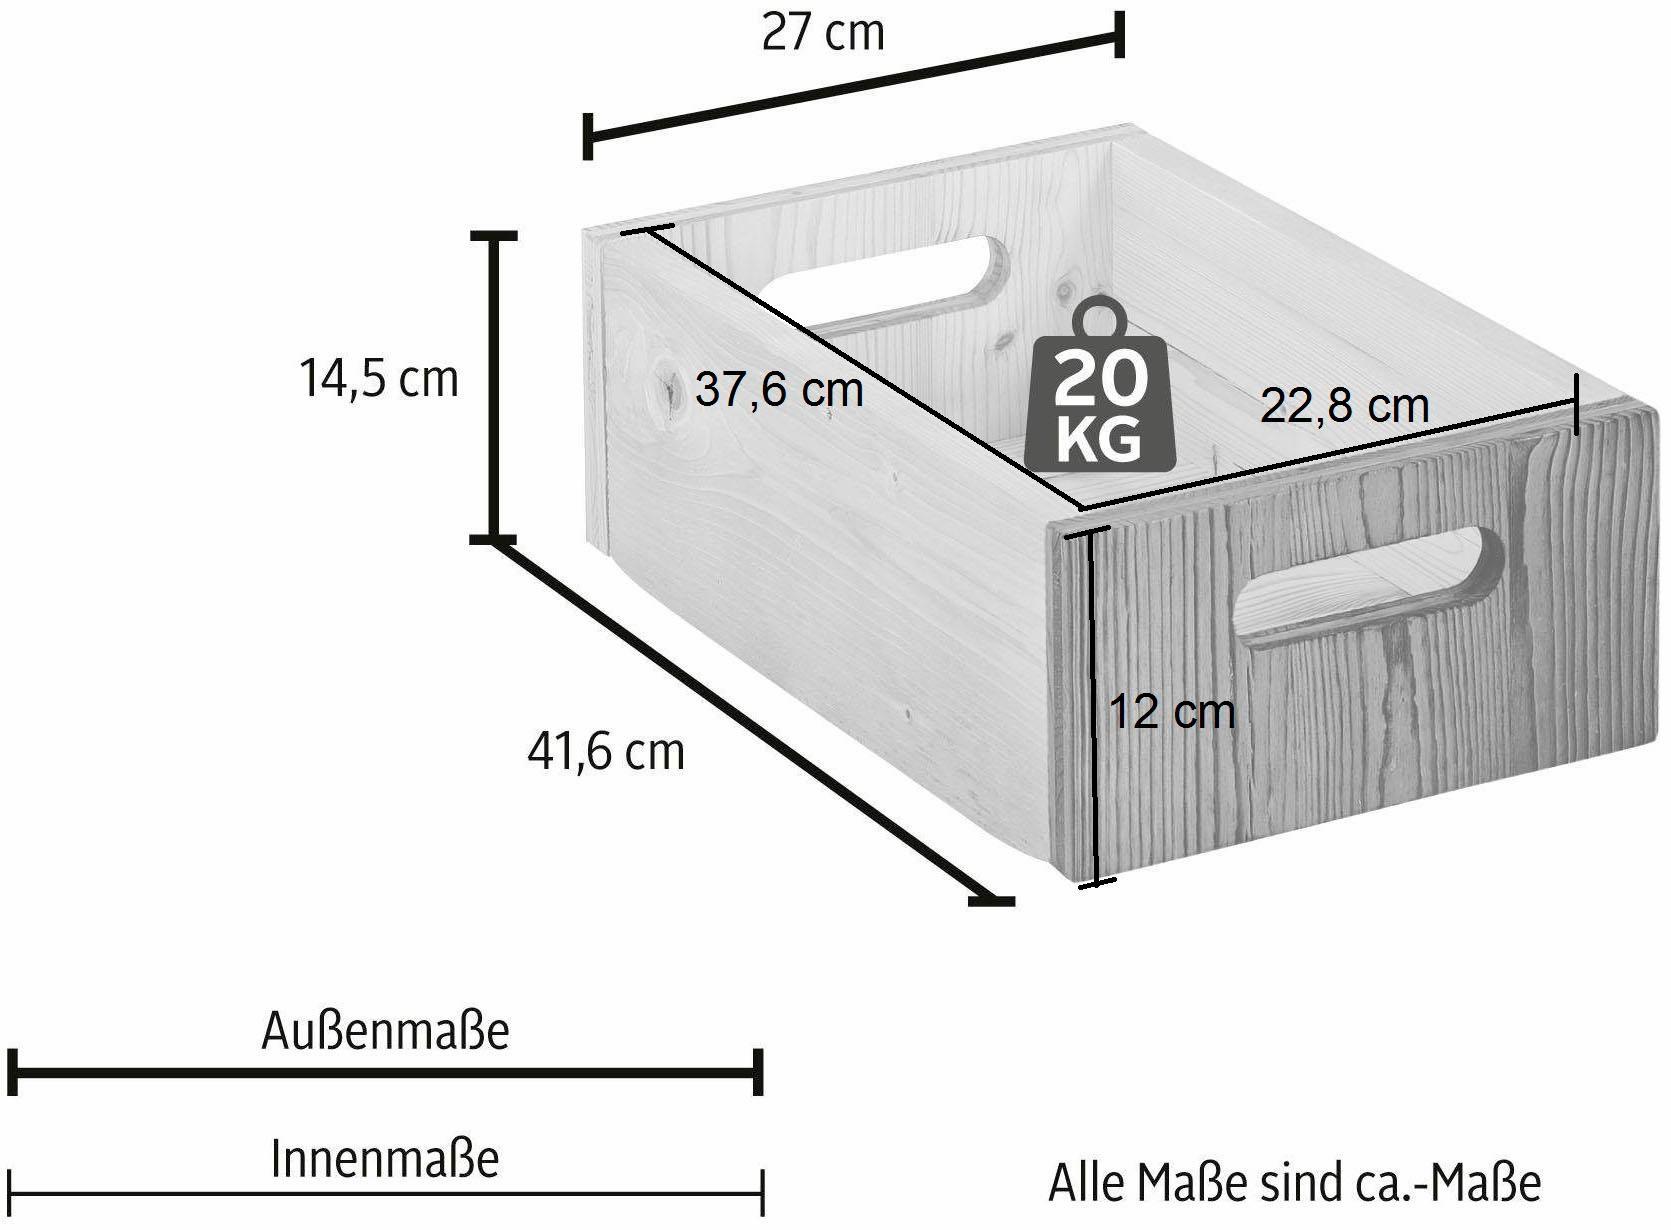 Home affaire Aufbewahrungskiste Wohnen/Räume/Schlafzimmer/Truhen, Kisten & Körbe/Boxen